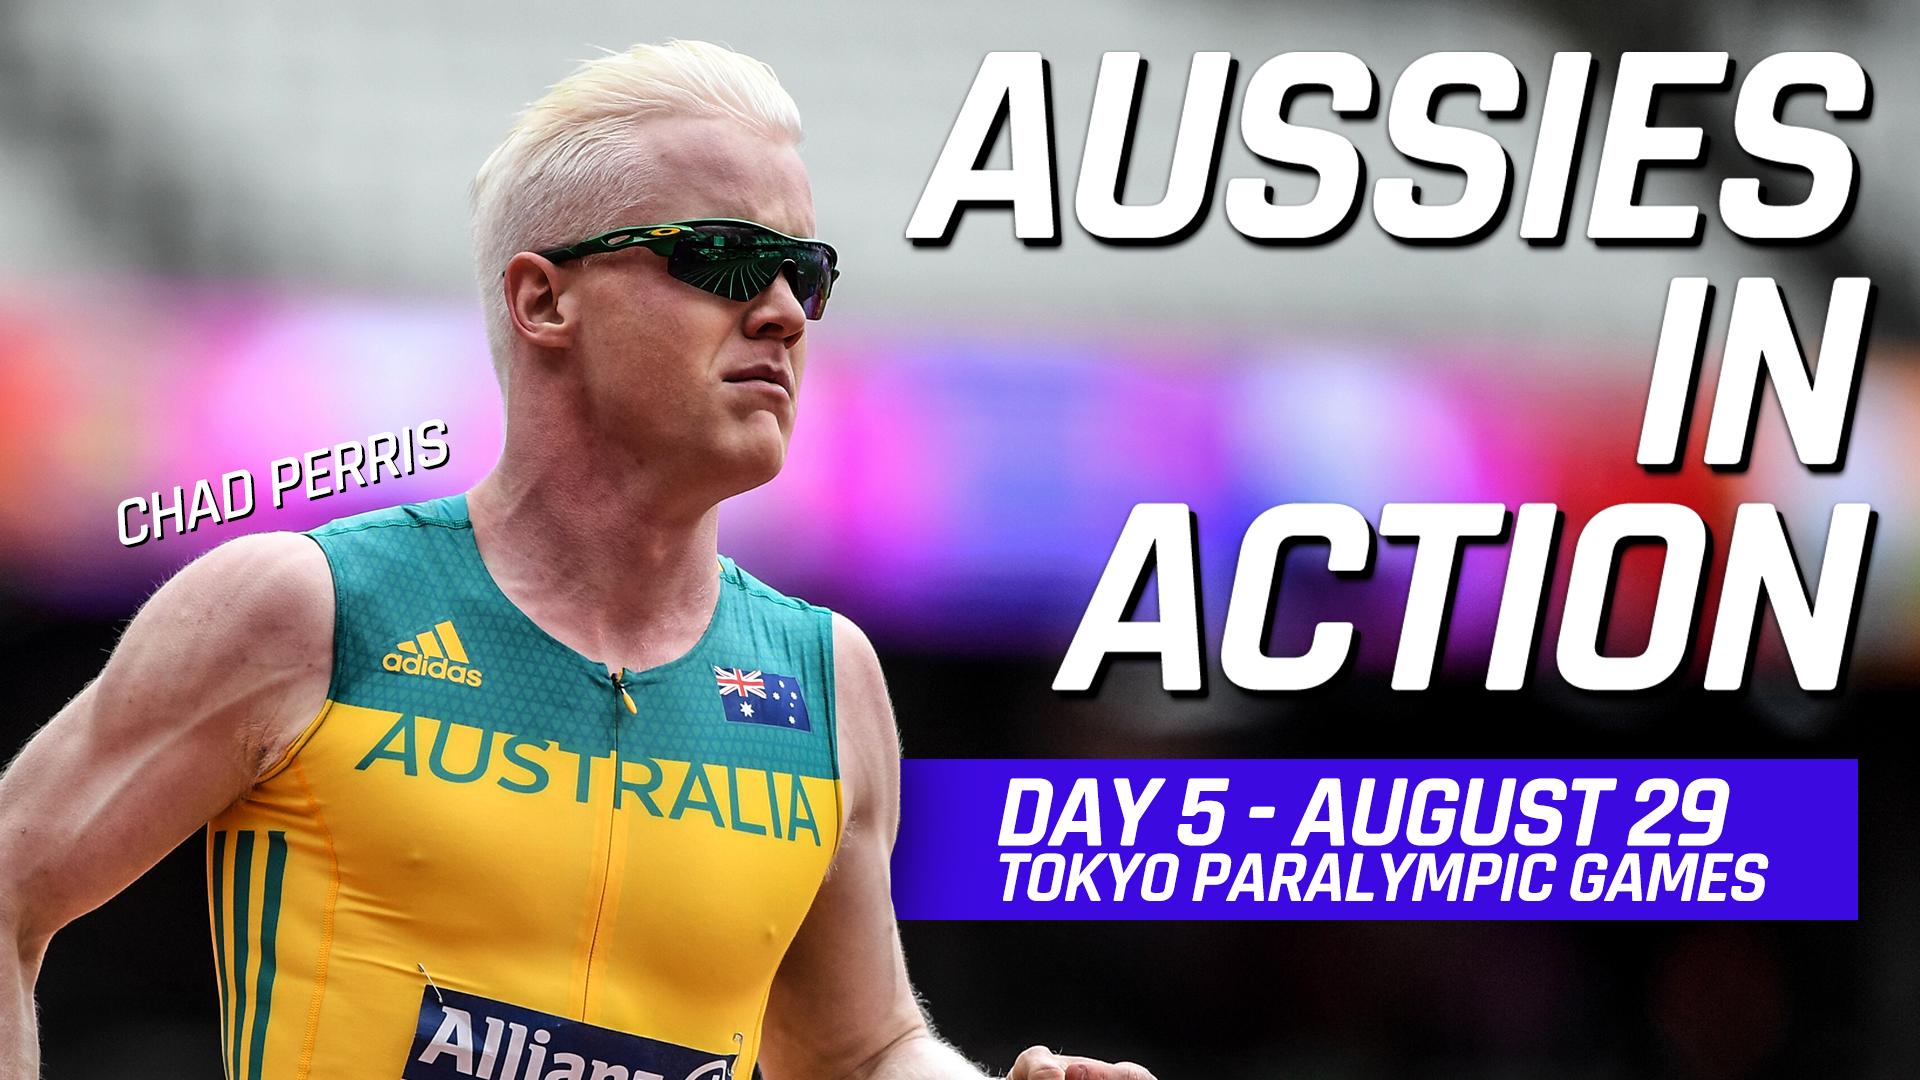 Результаты Австралии на Паралимпийских играх в Токио, день 5, Австралия в действии: